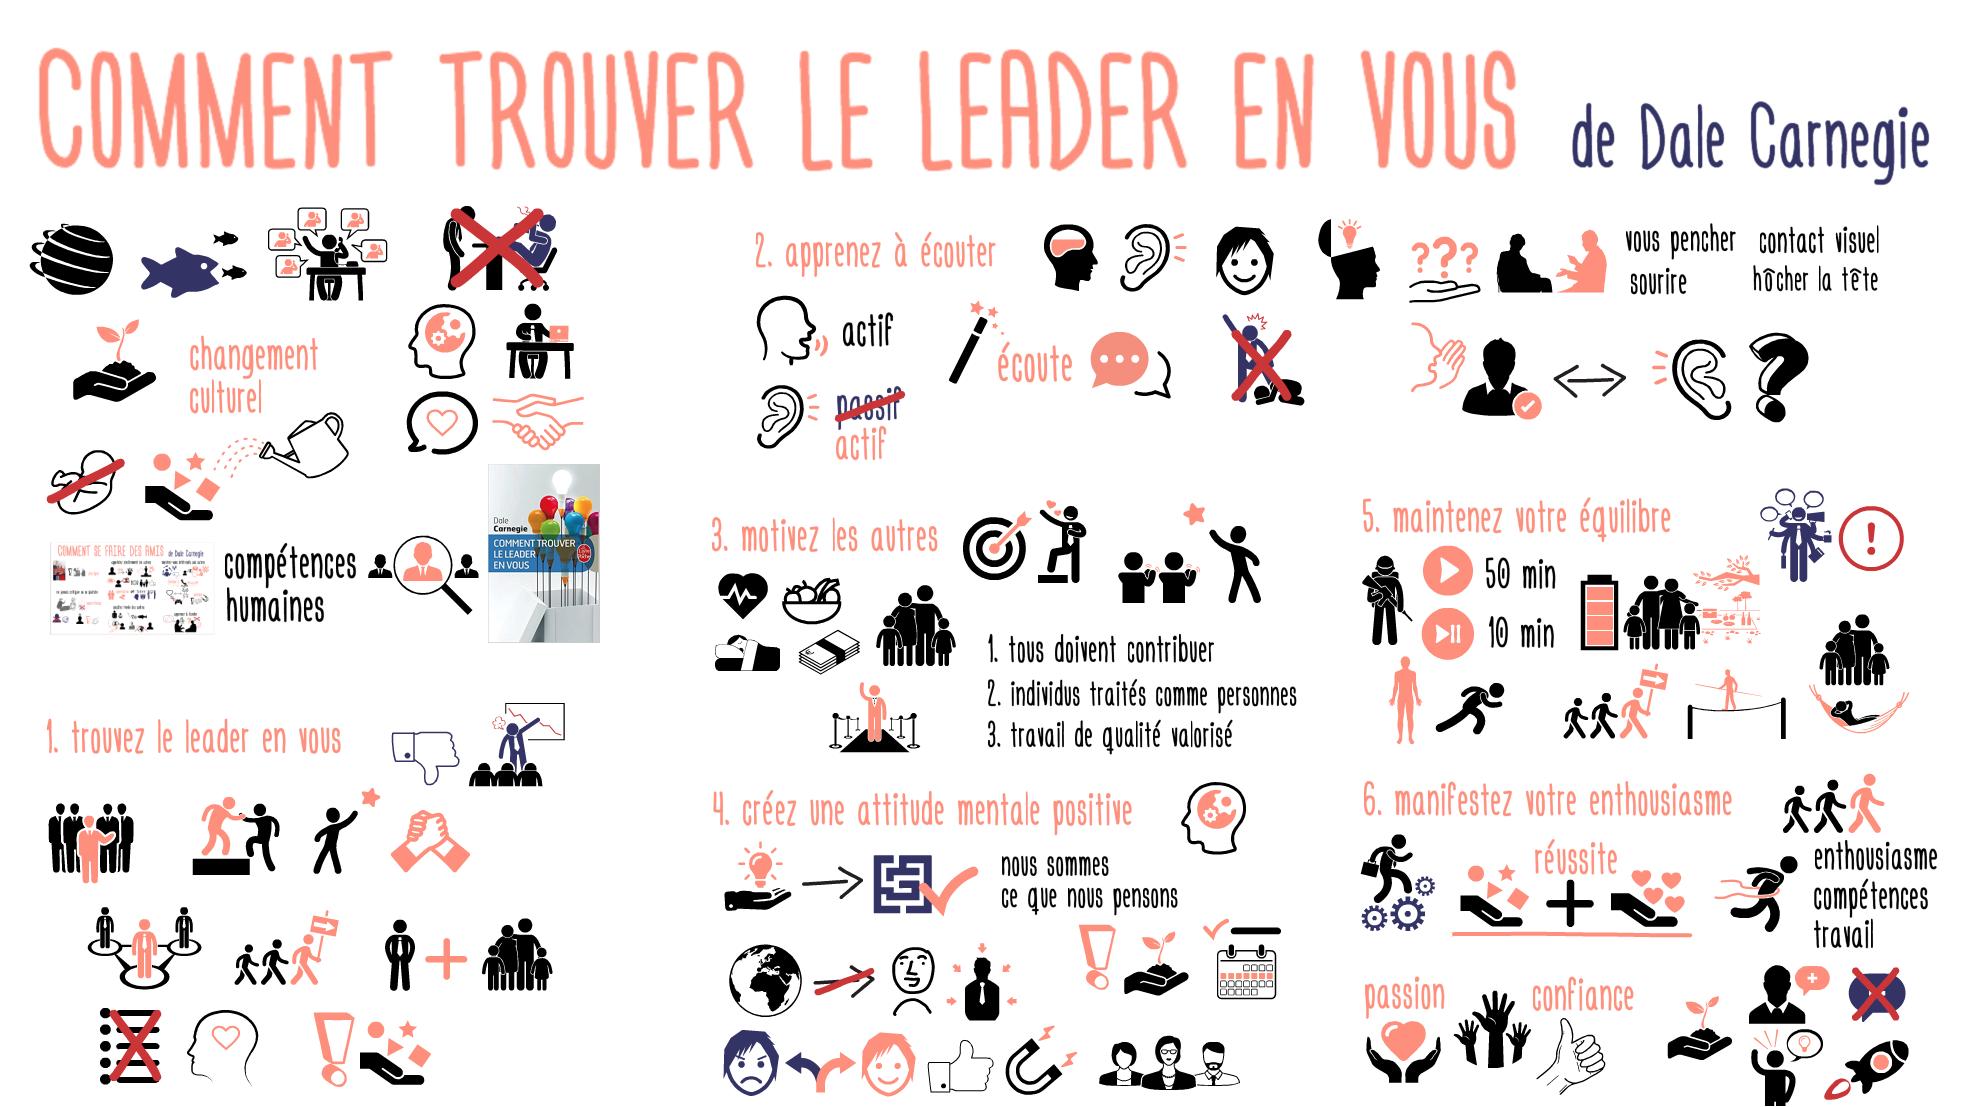 Comment trouver leader en vous